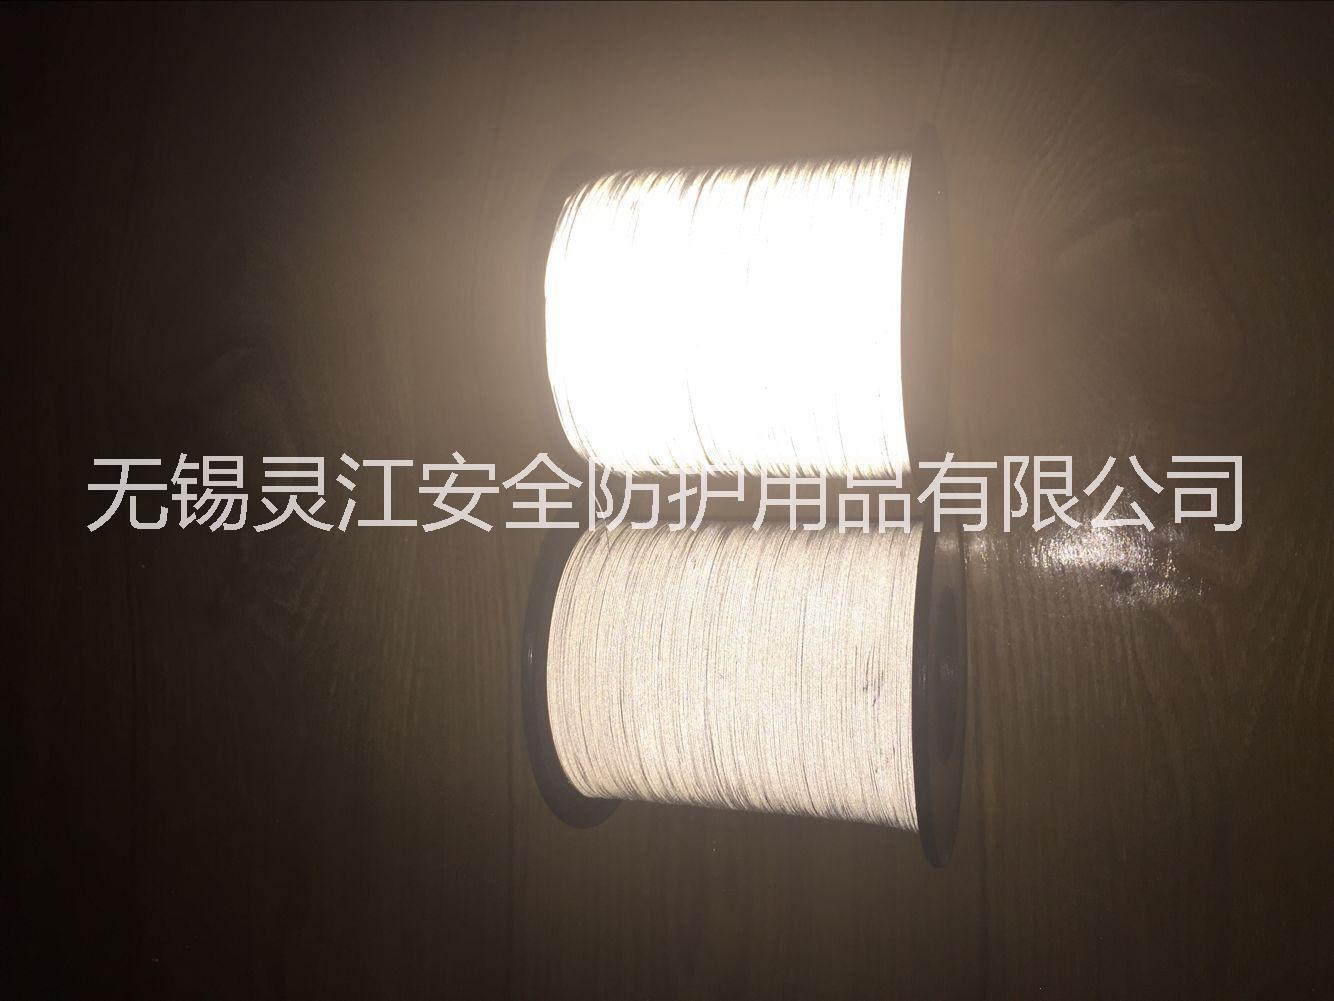 供应用于安防的反光丝